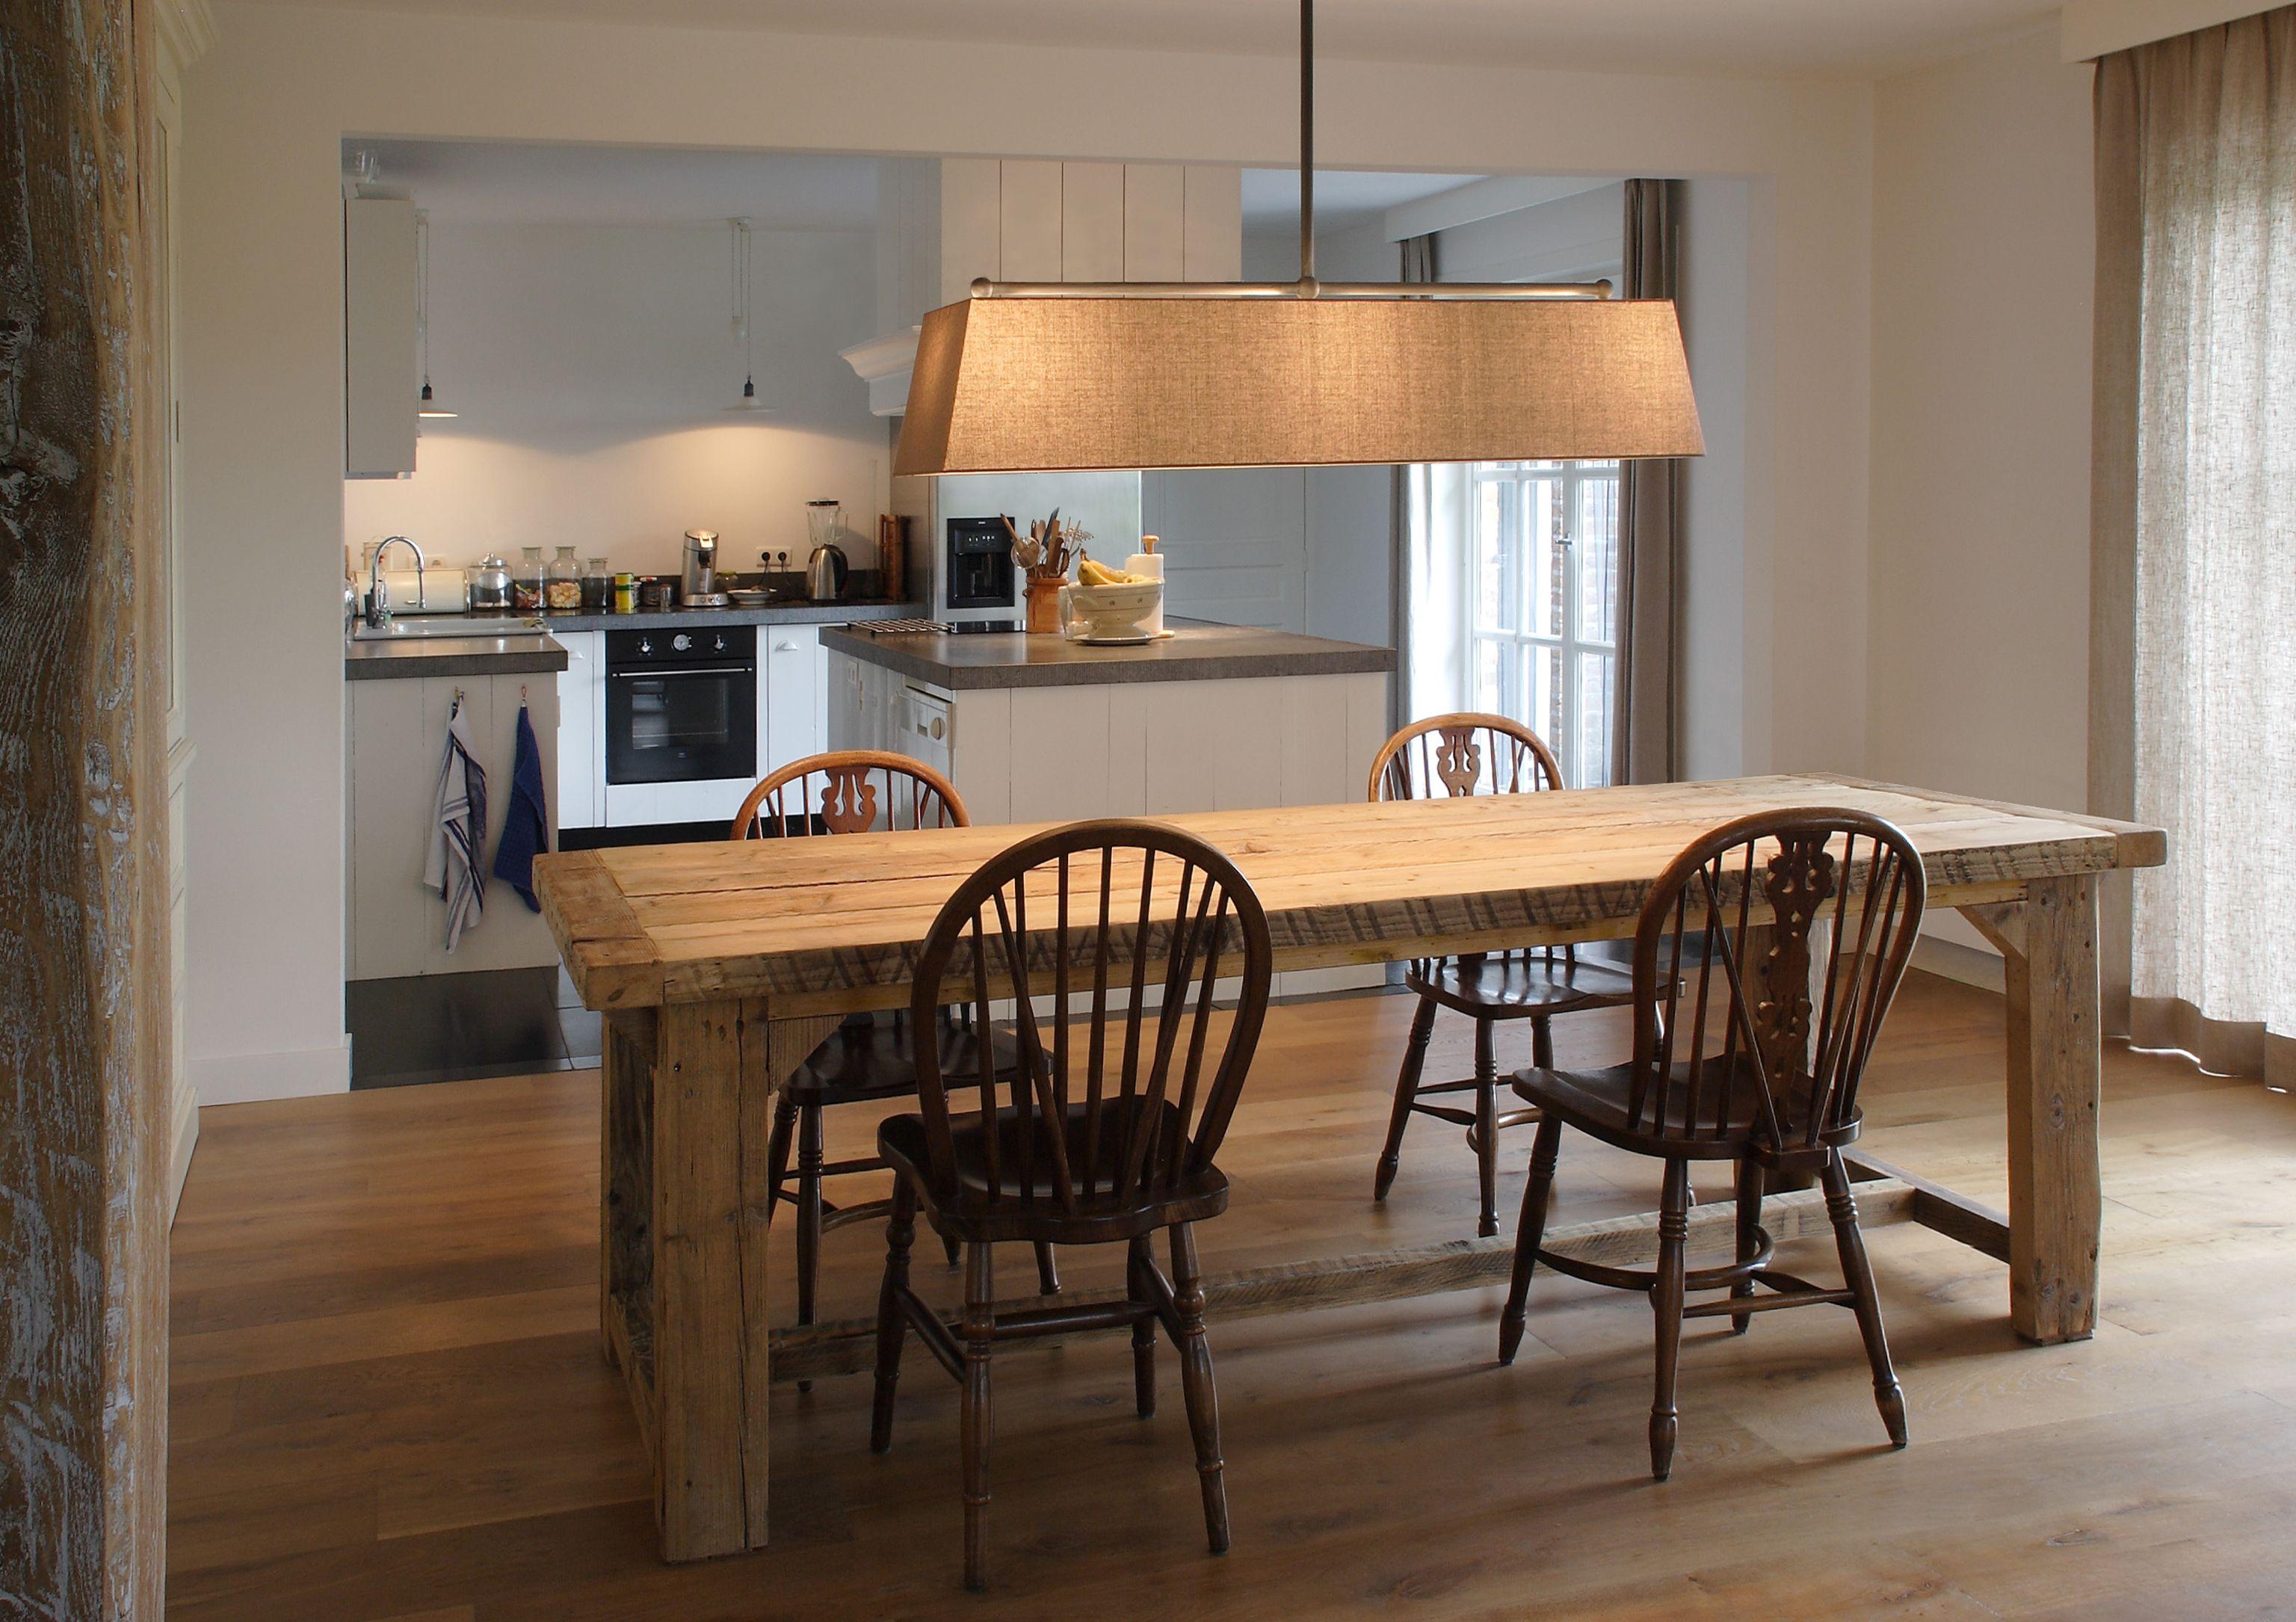 Keukenlamp Landelijk : Hanglampen woonkamer landelijk : Pin by Kristina Lewis on For the Home